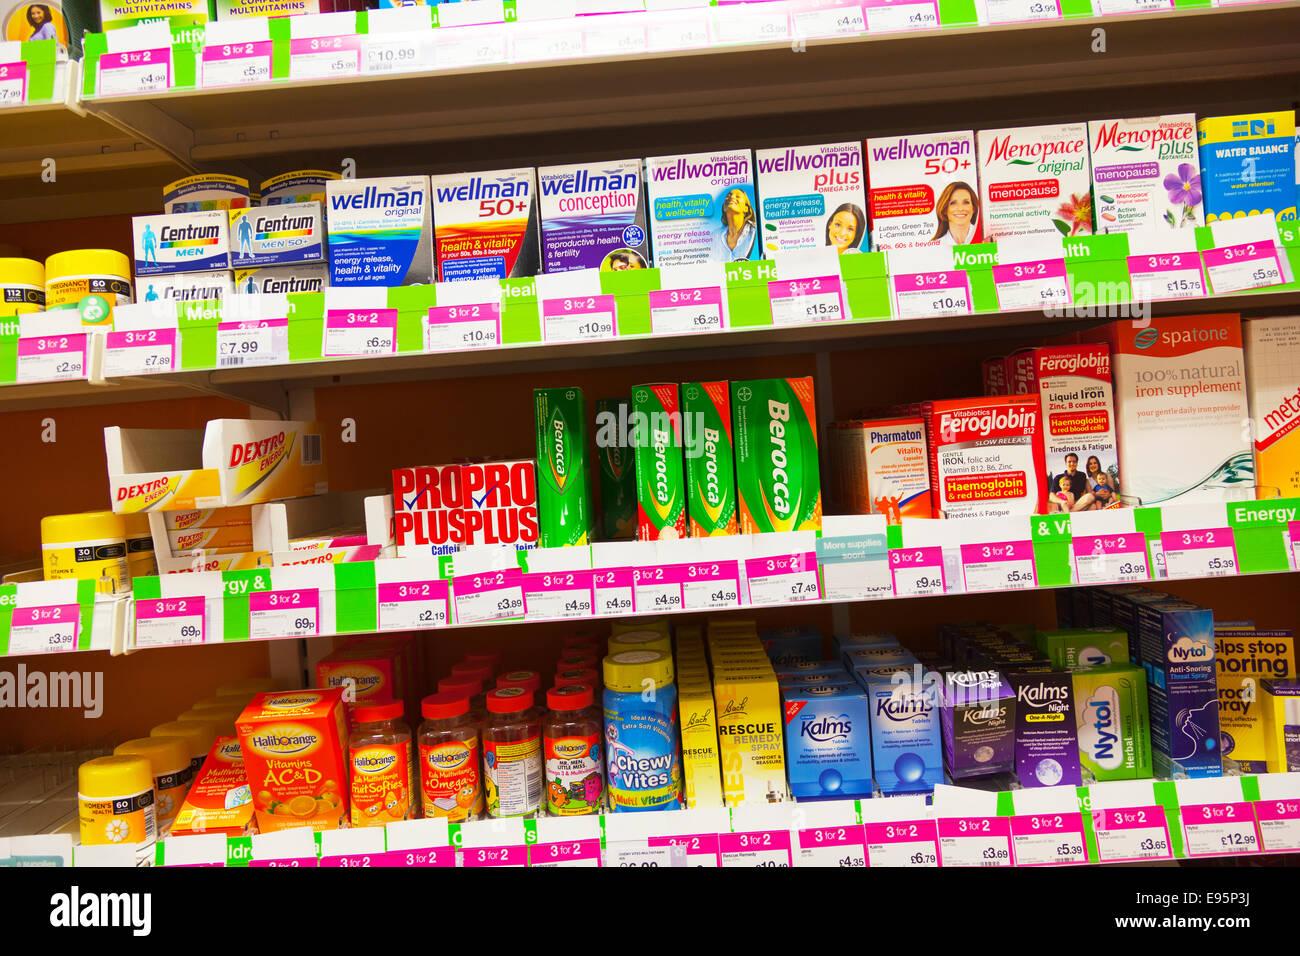 Wellman berocca vitamine salute vitalità prodotto prodotti sul ripiano in farmacia farmacia store all'interno Immagini Stock